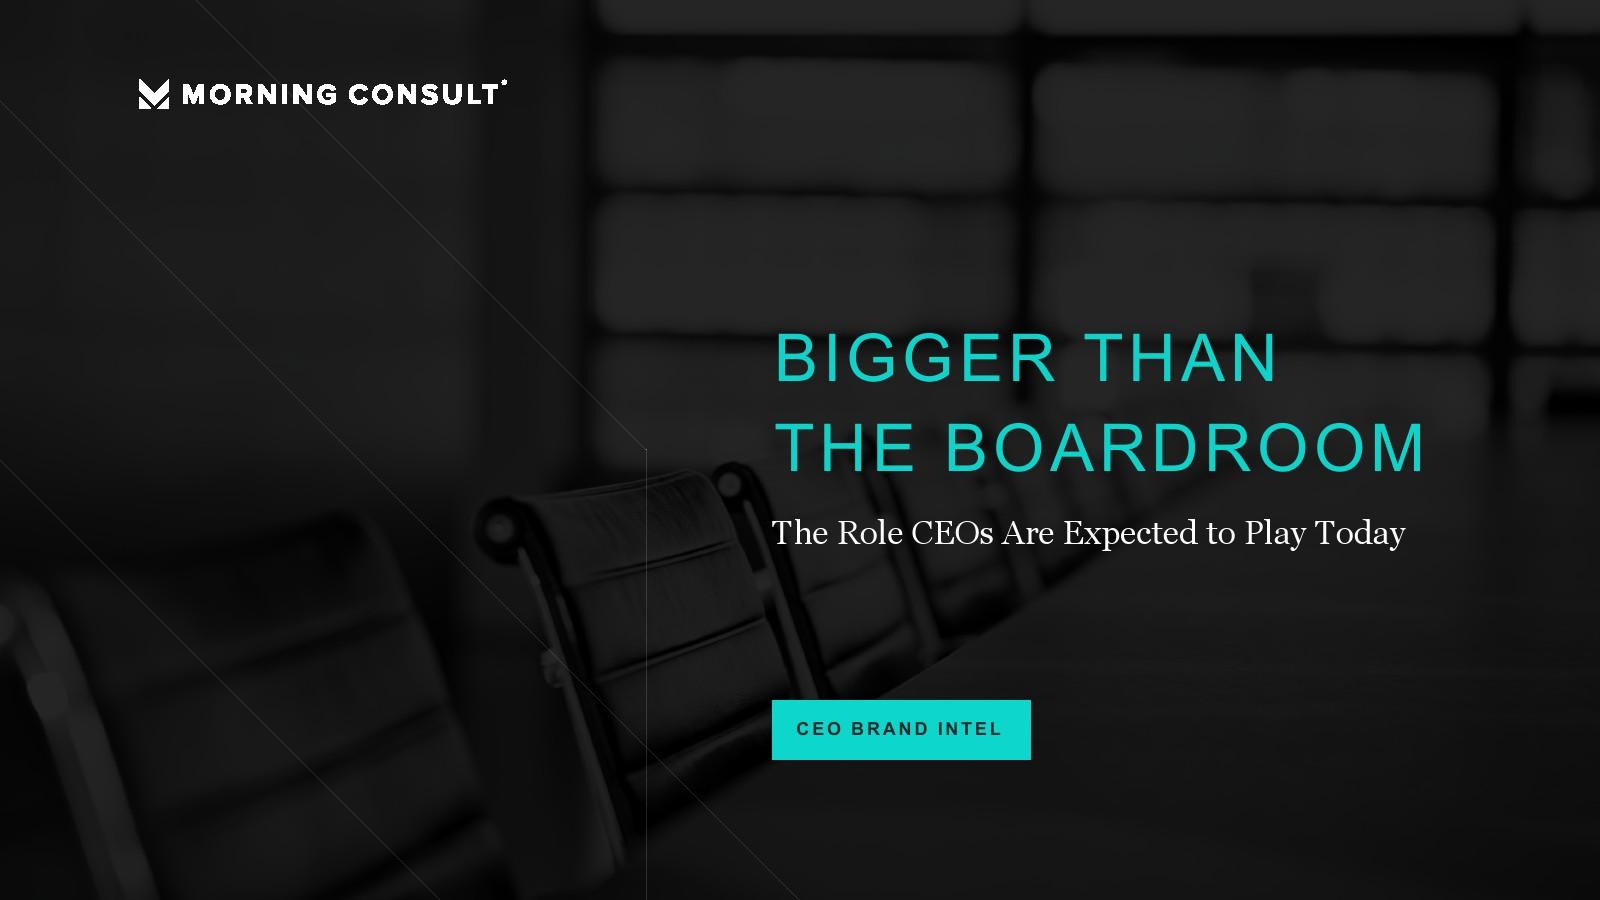 比会议室更大:对CEO的角色期待